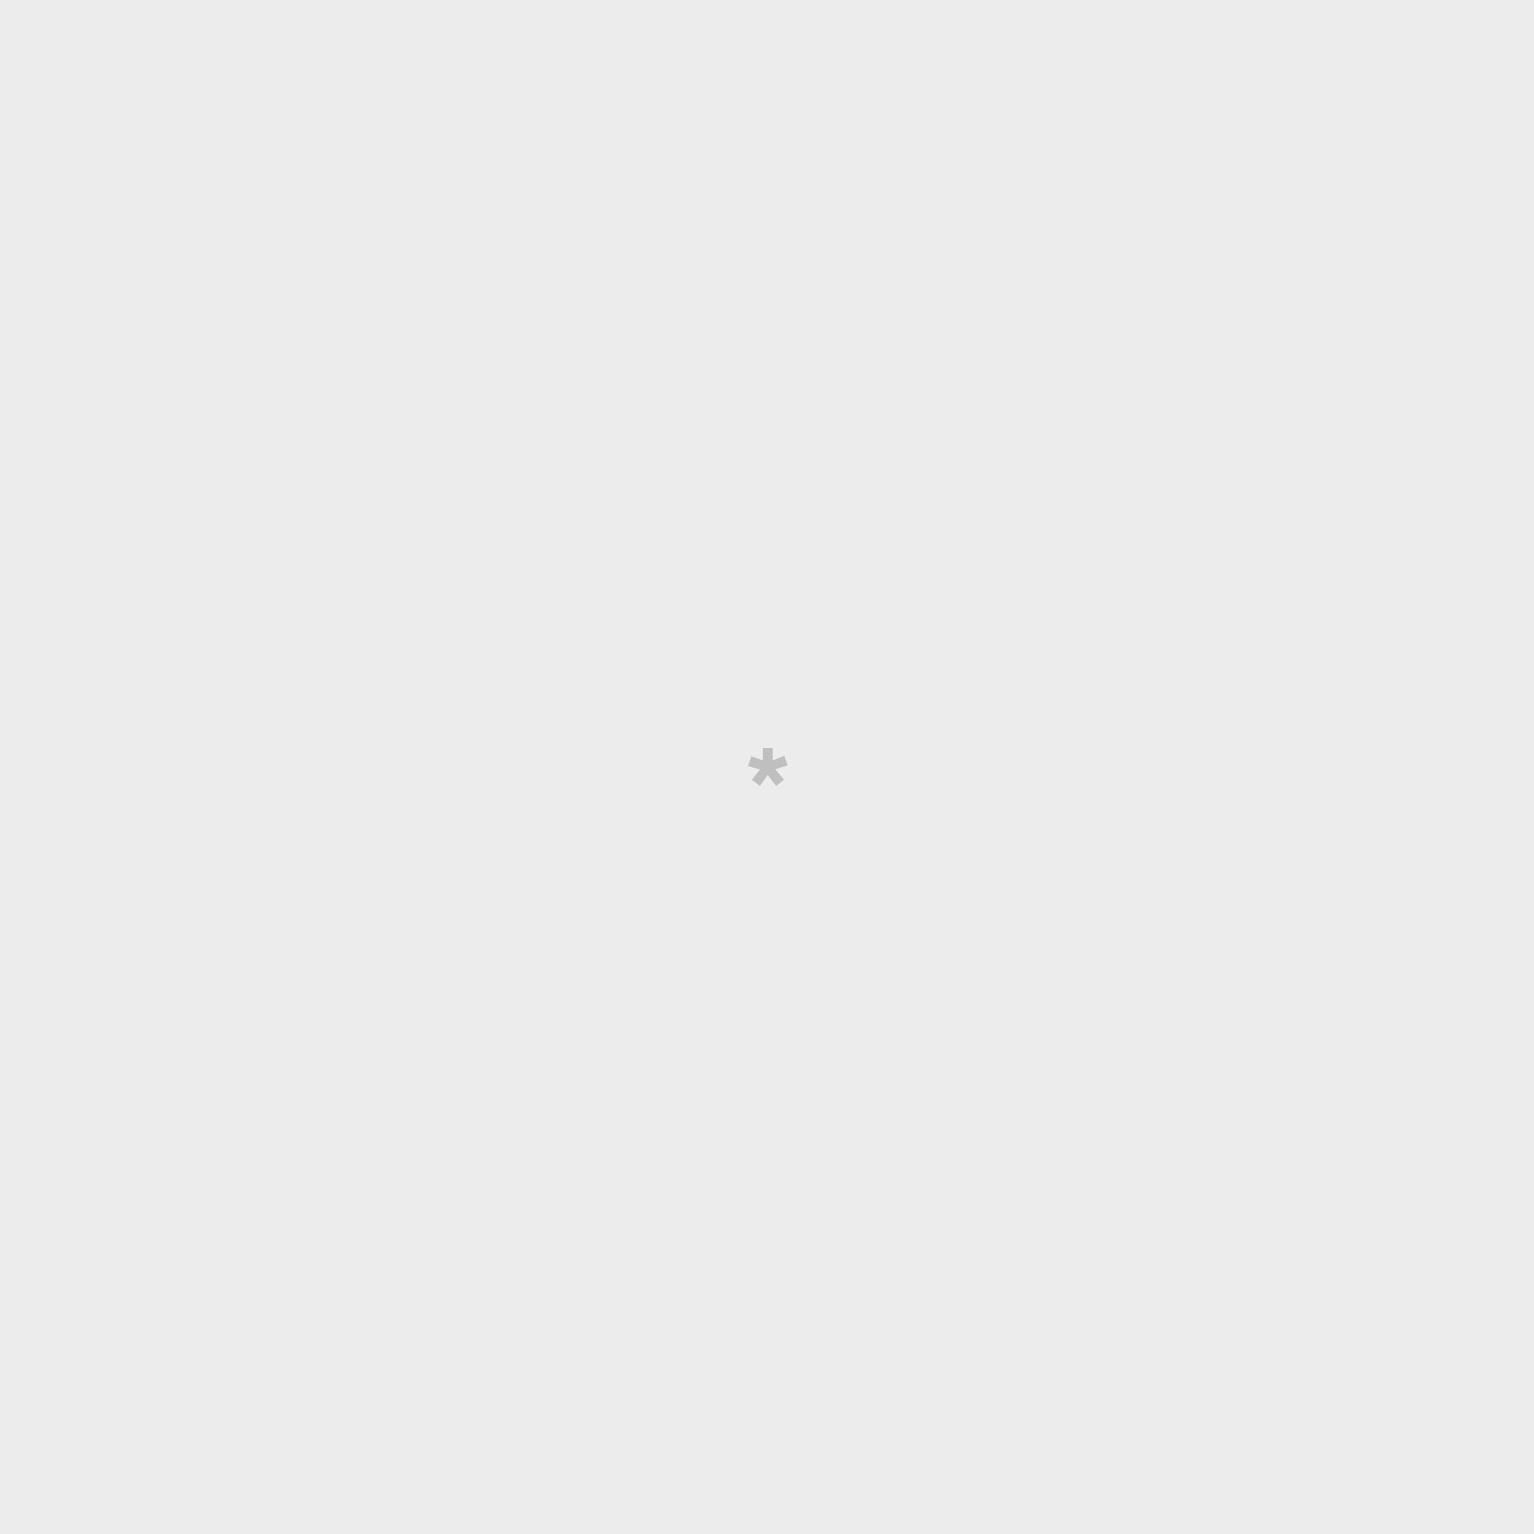 Organizador semanal con extras - ¡Tú siempre te superas!